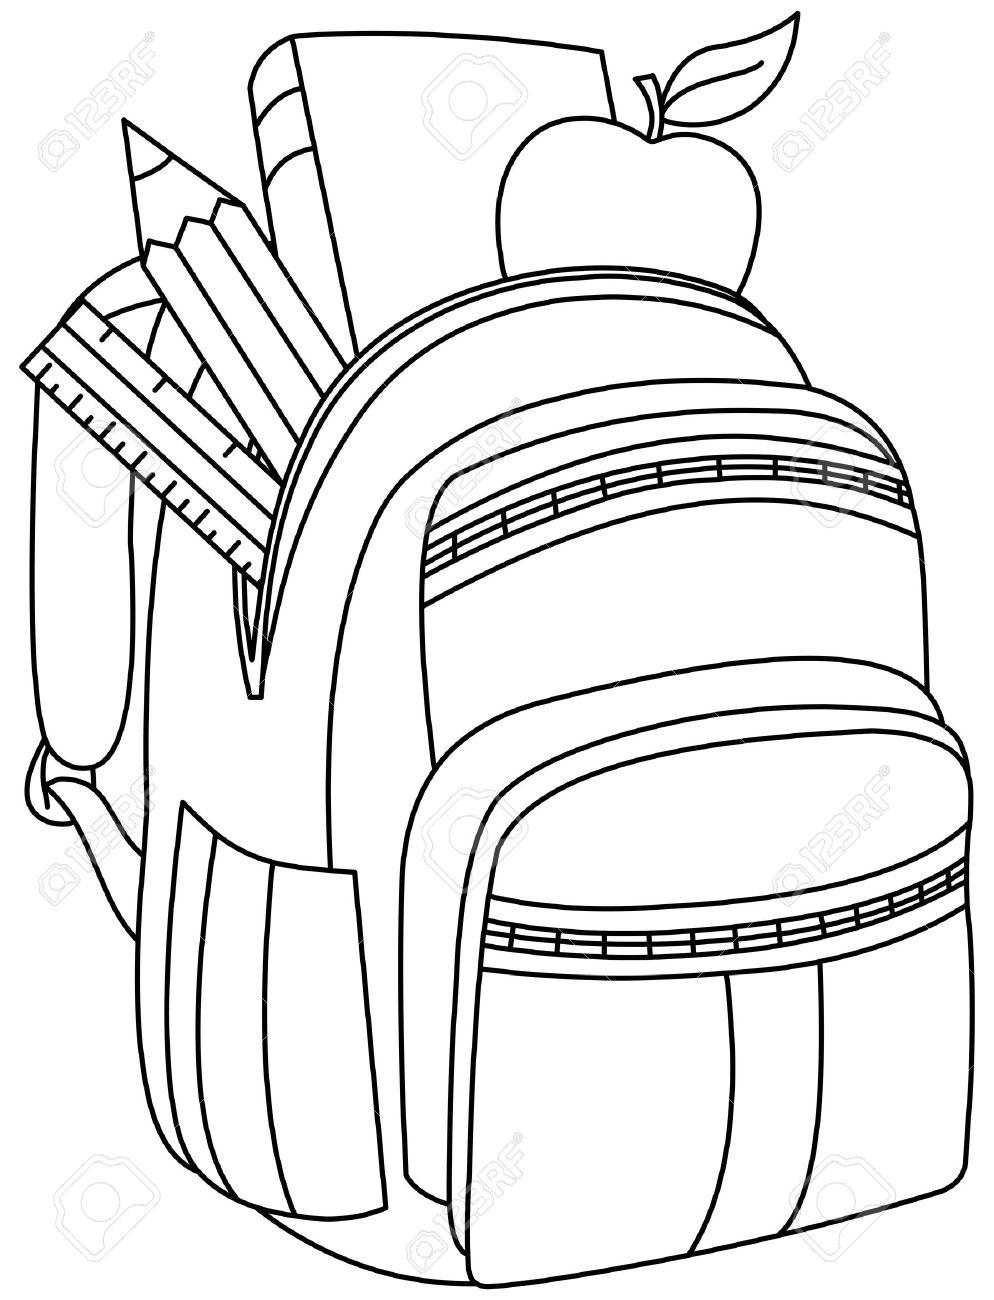 Esbozó Mochila Escolar Vector Ilustración De La Página Para Colorear